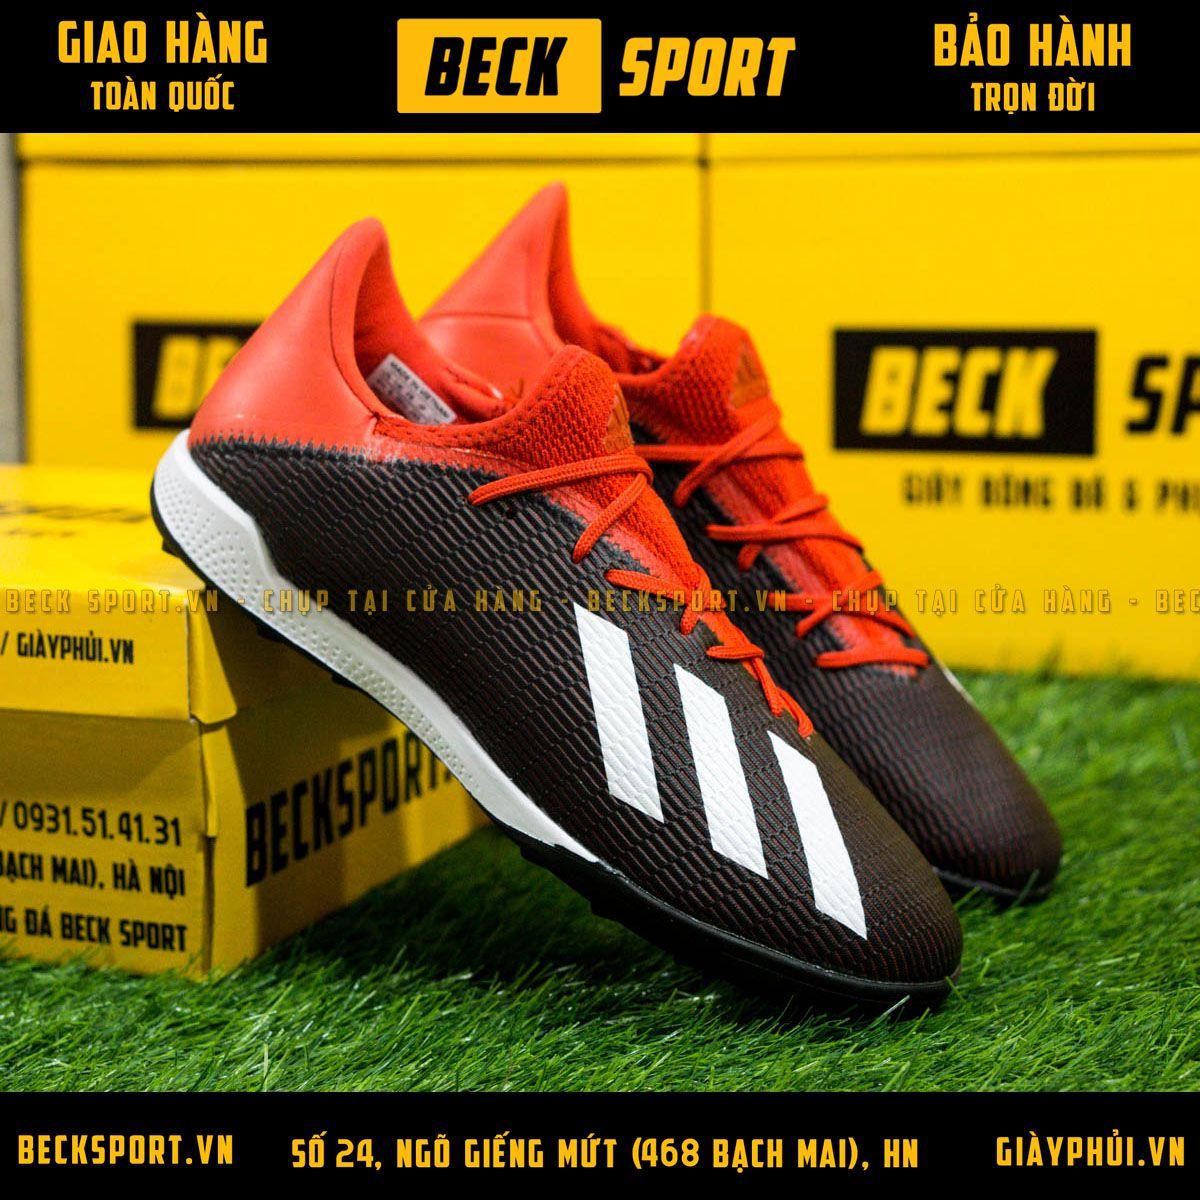 Giày Bóng Đá Adidas X 19.3 Đen Đỏ Vạch Trắng TF